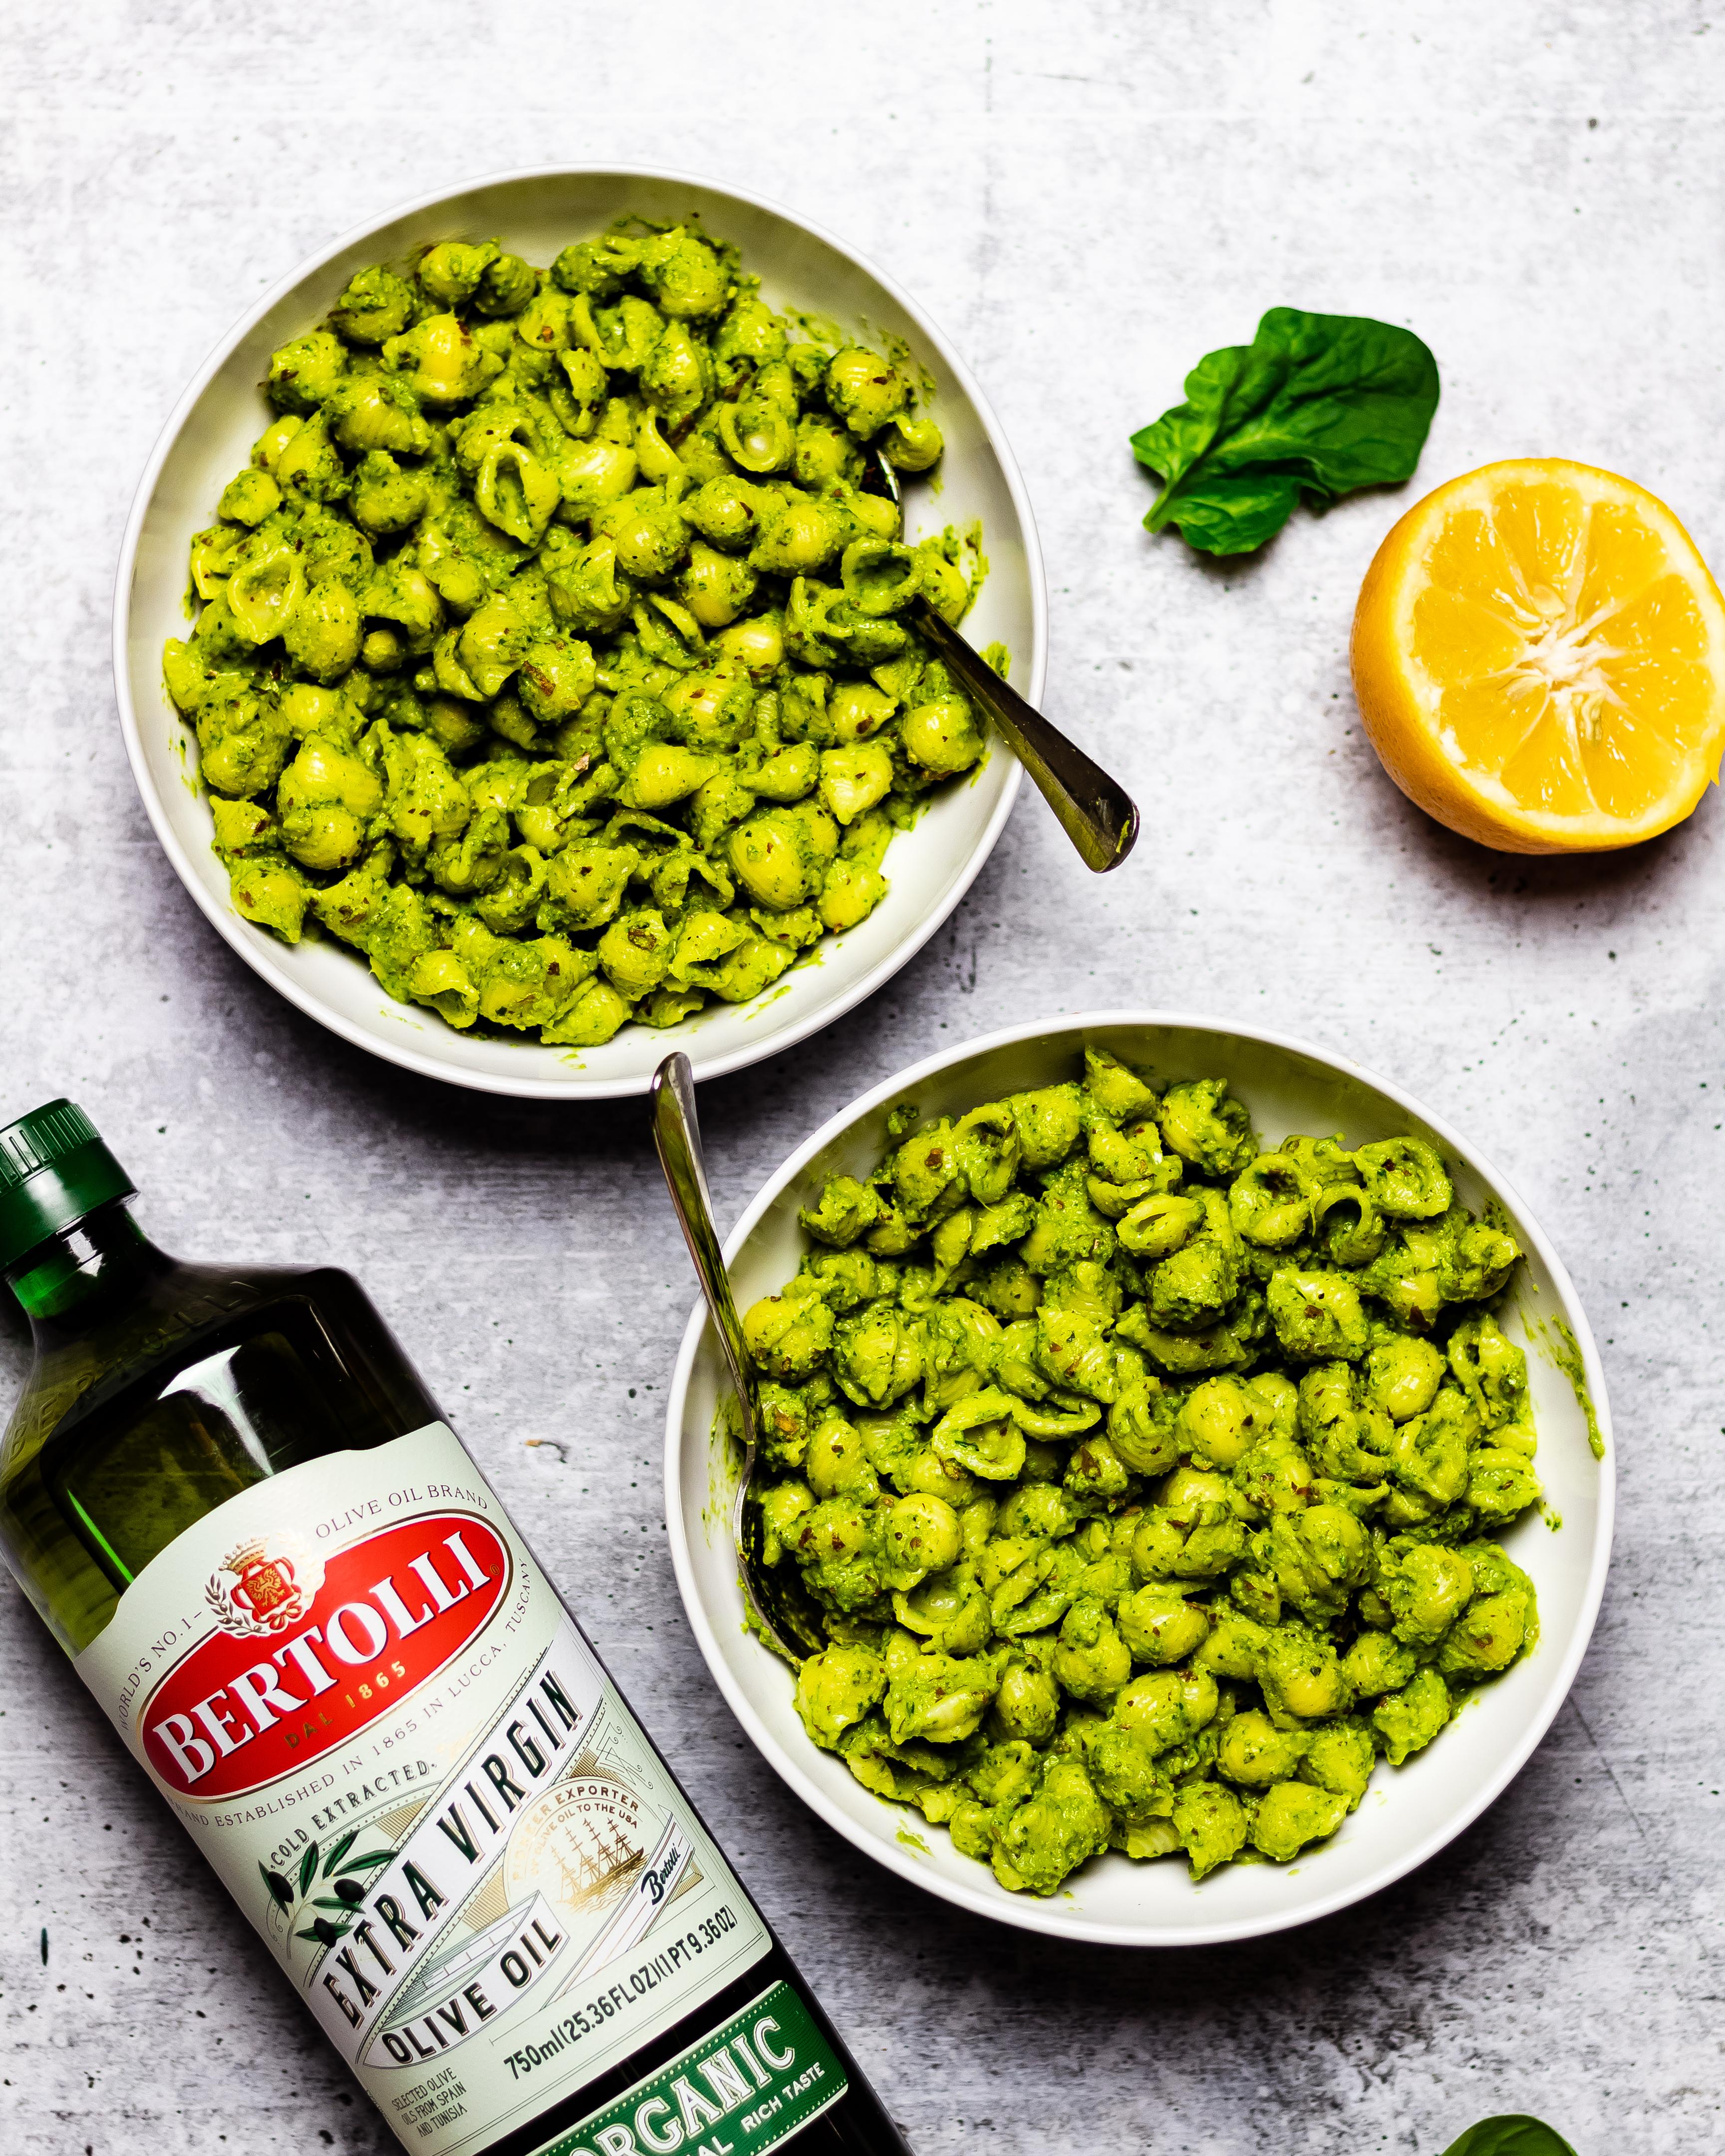 creamy pesto pasta with bertolli olive oil